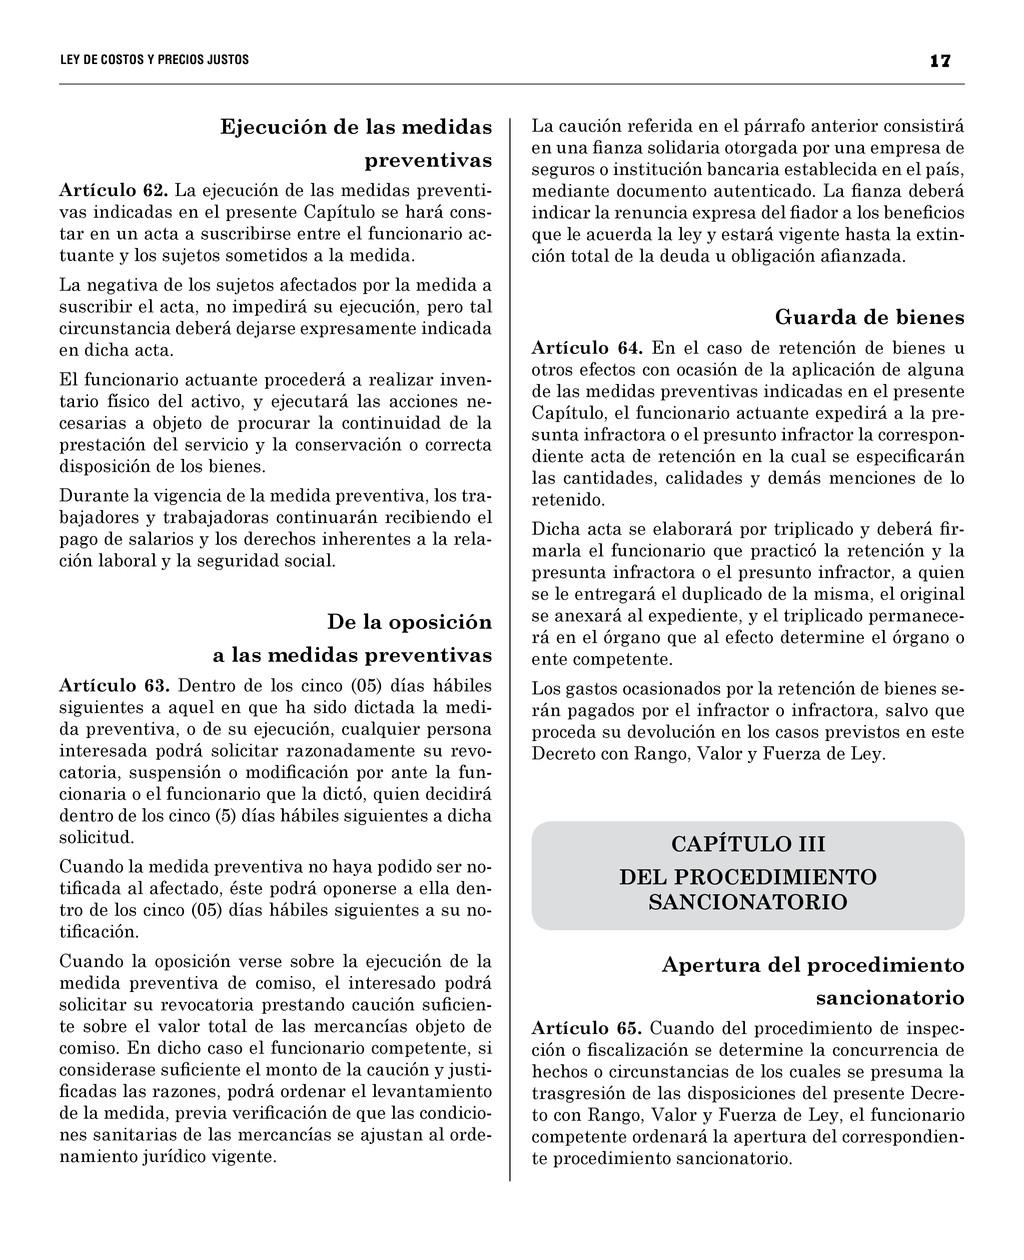 17 LEY DE COSTOS Y PRECIOS JUST...